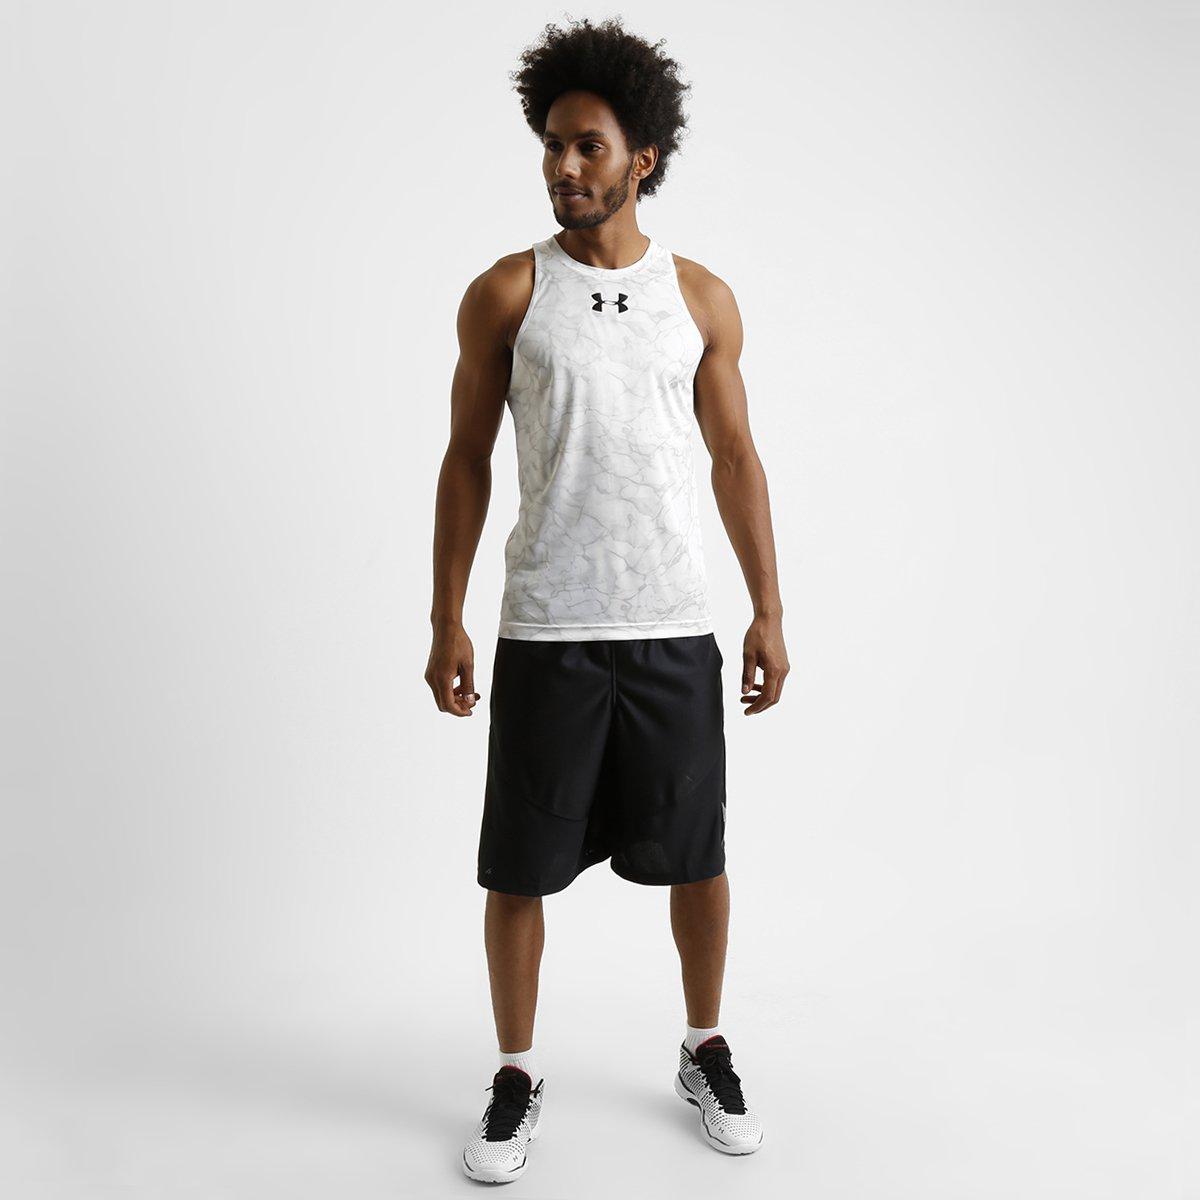 91c6658ec6 Camiseta Regata Under Armour Encore - Compre Agora